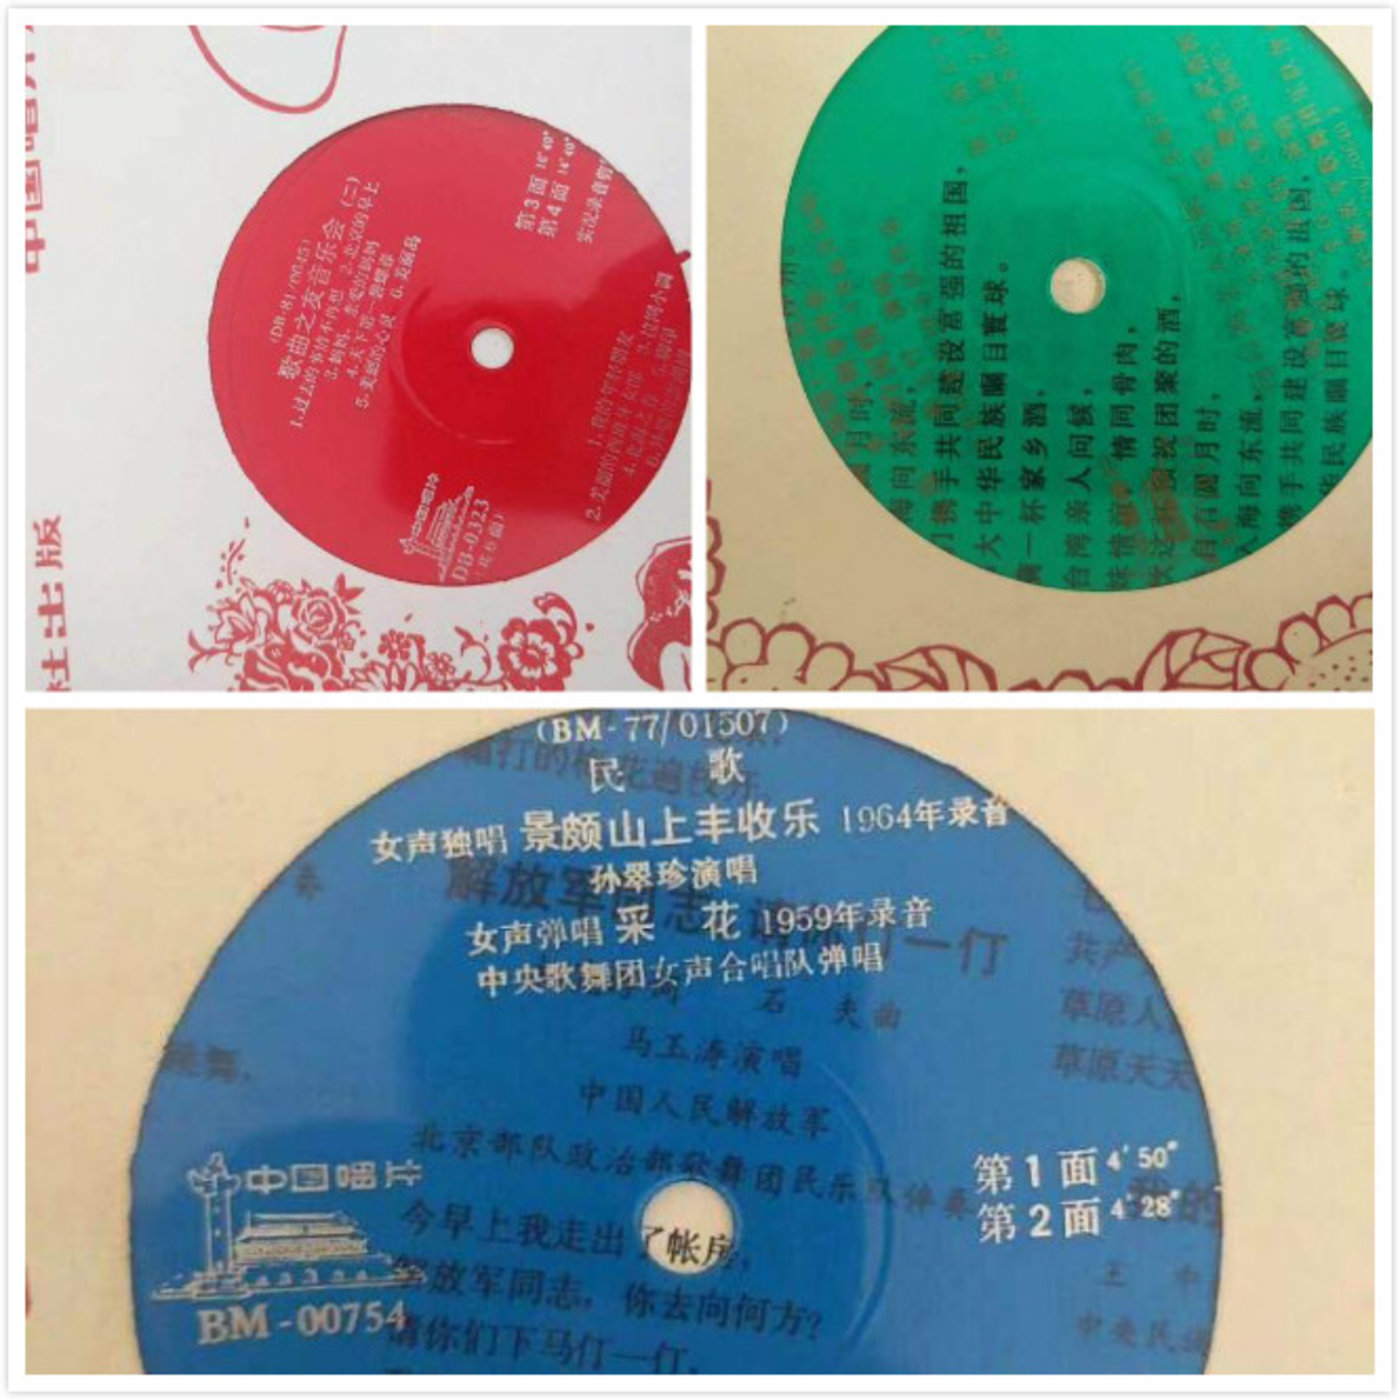 """网友""""小手冰凉""""收集的五颜六色的薄膜唱片,里面灌制的是1964年的景颇族民歌"""